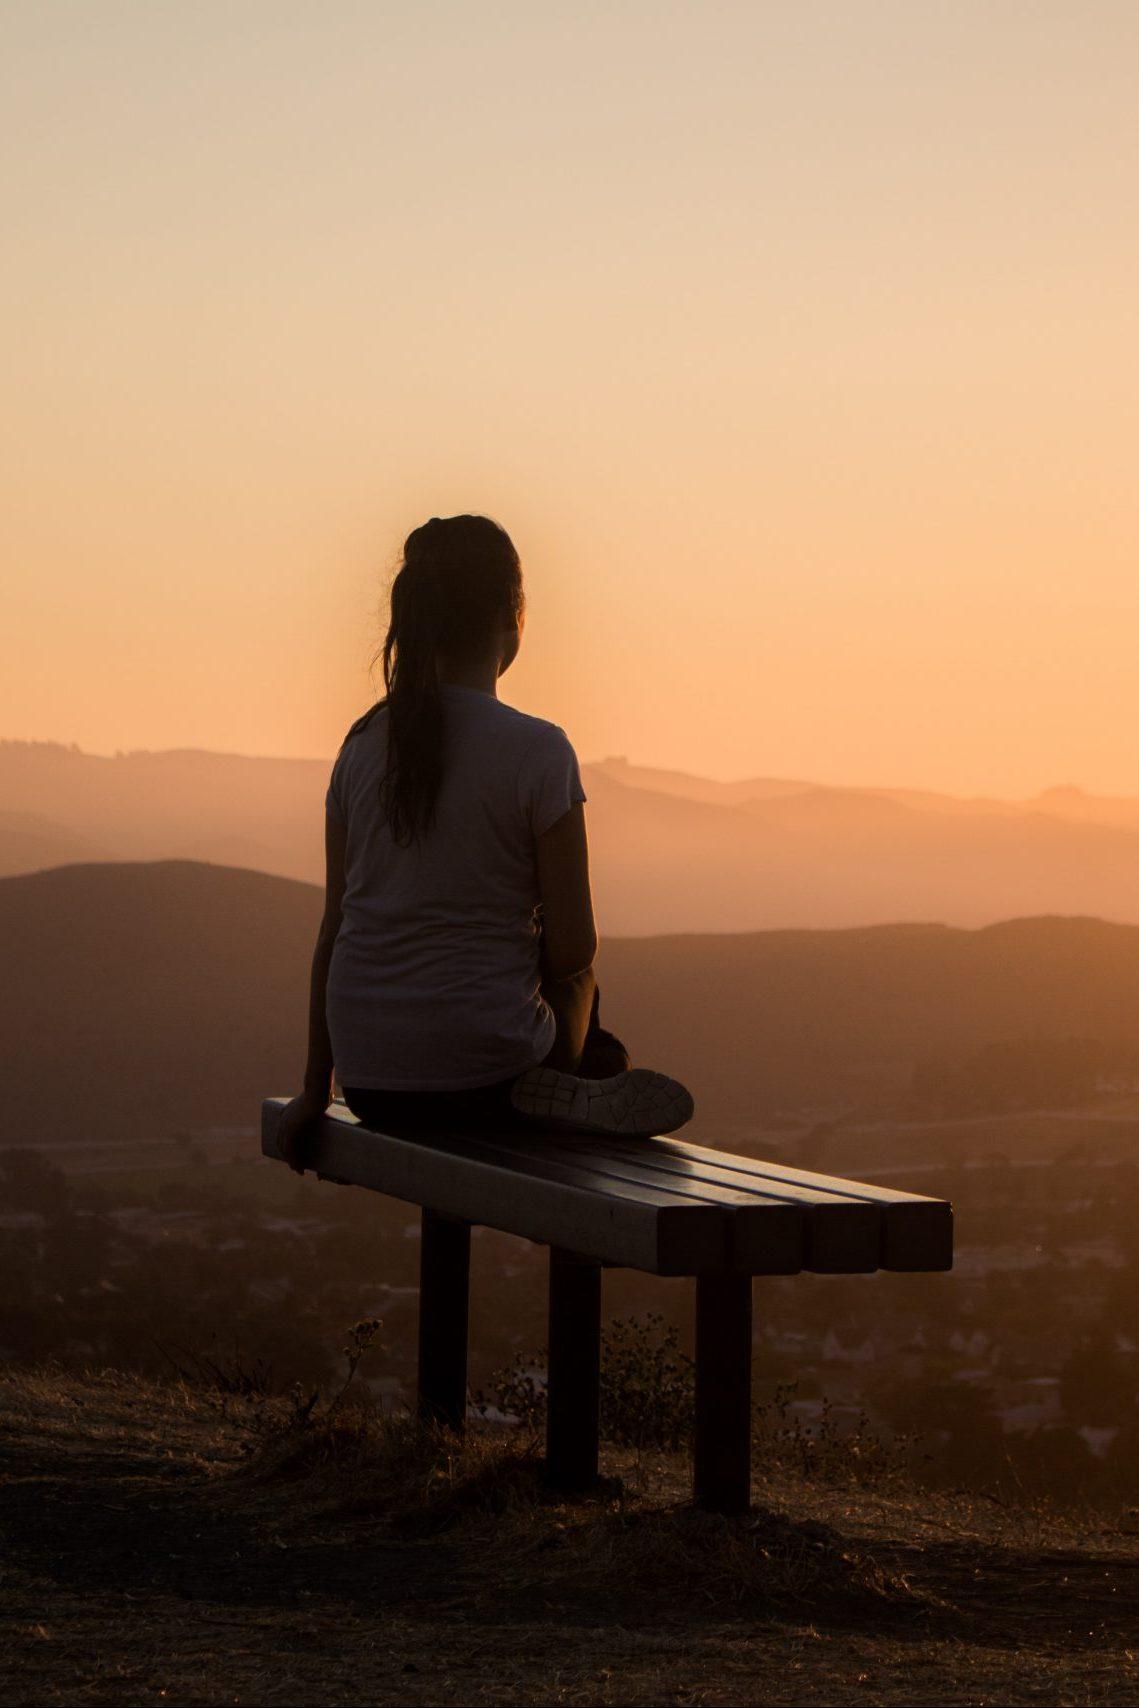 Meditate to feel like myself again